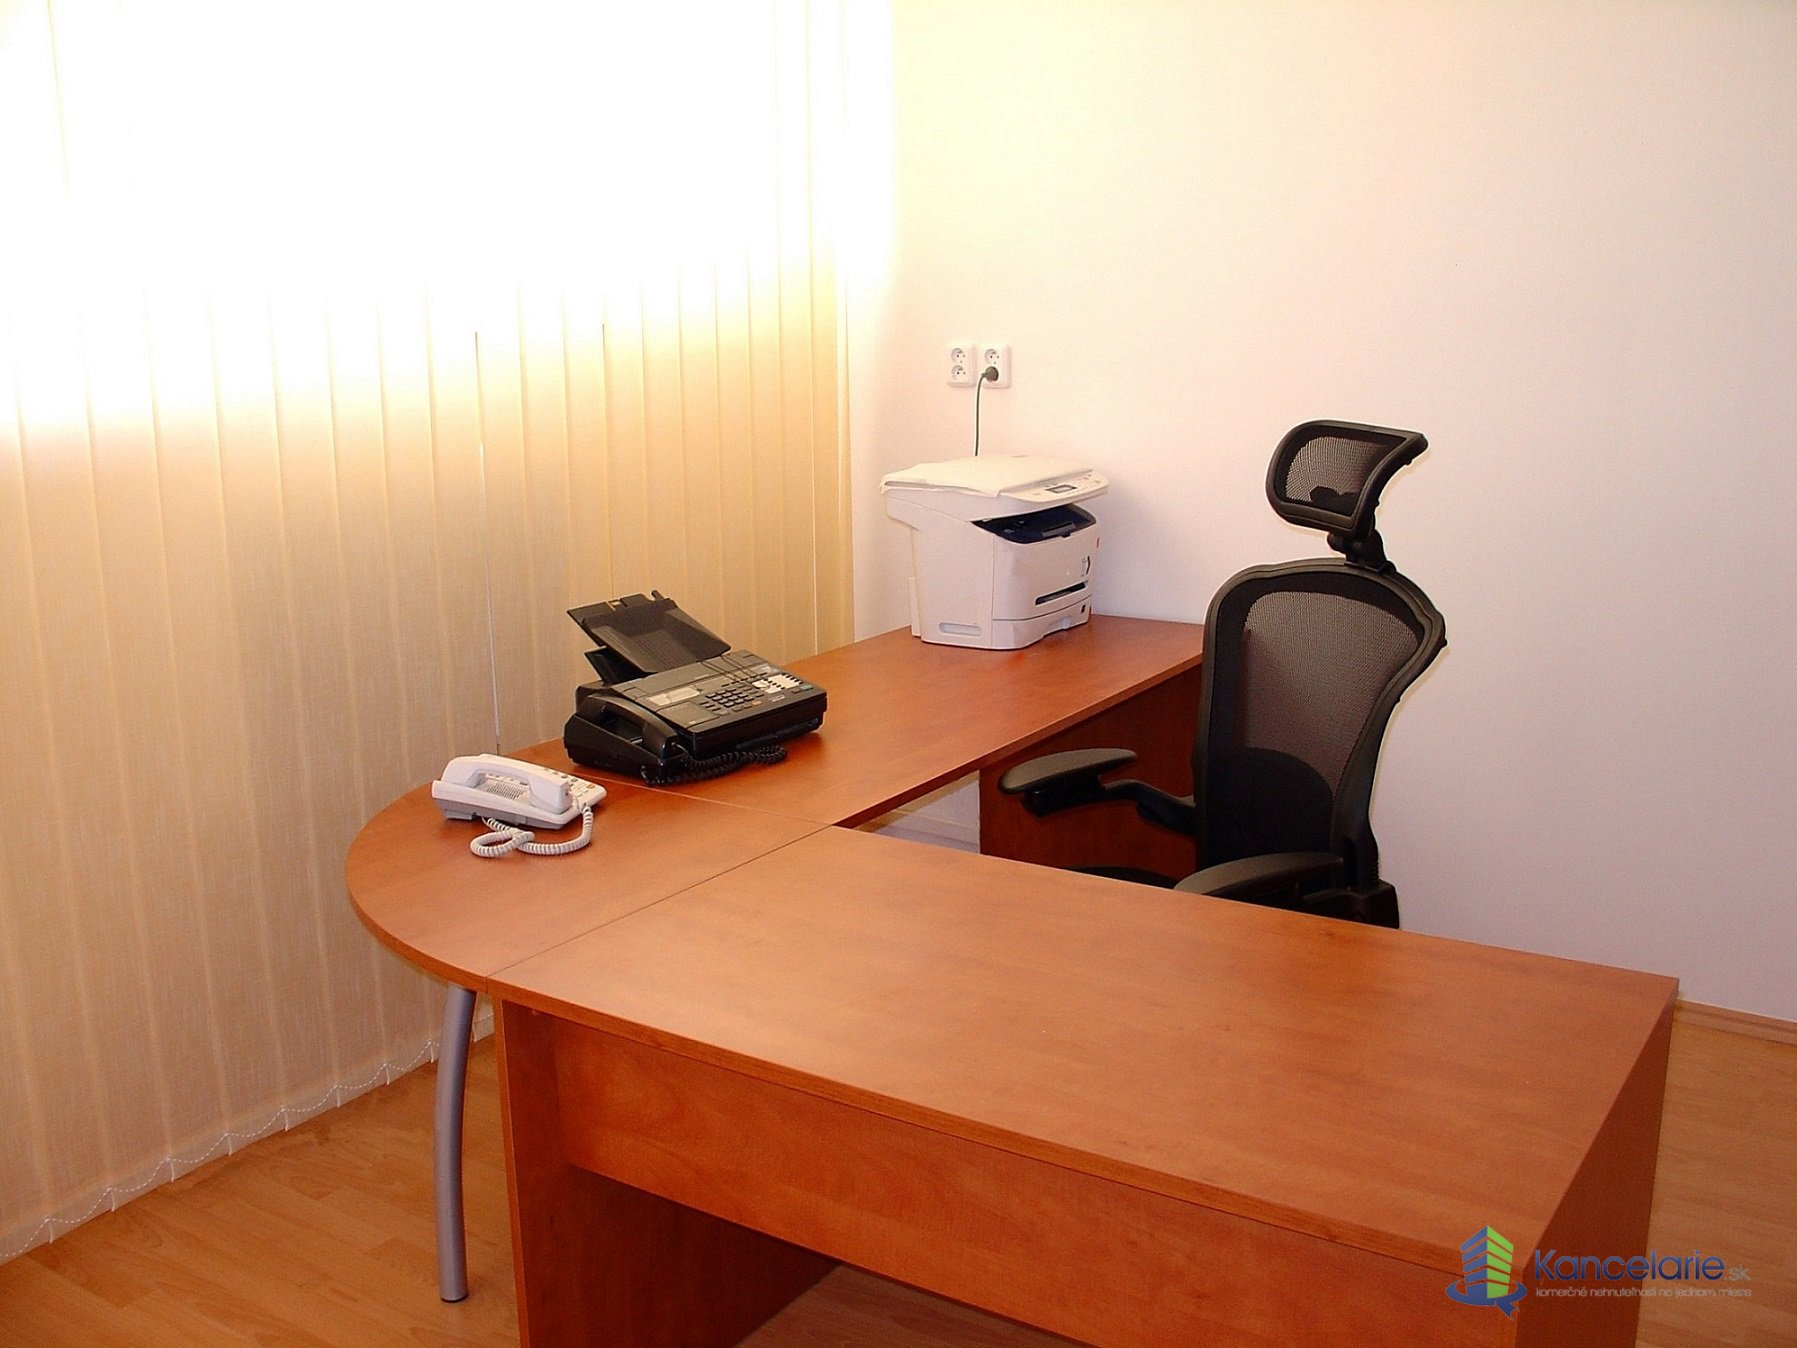 Agrimex spol. s r.o. (AMEX Park), Kancelária APB II č. 3.29, Púchovská 12, Bratislava